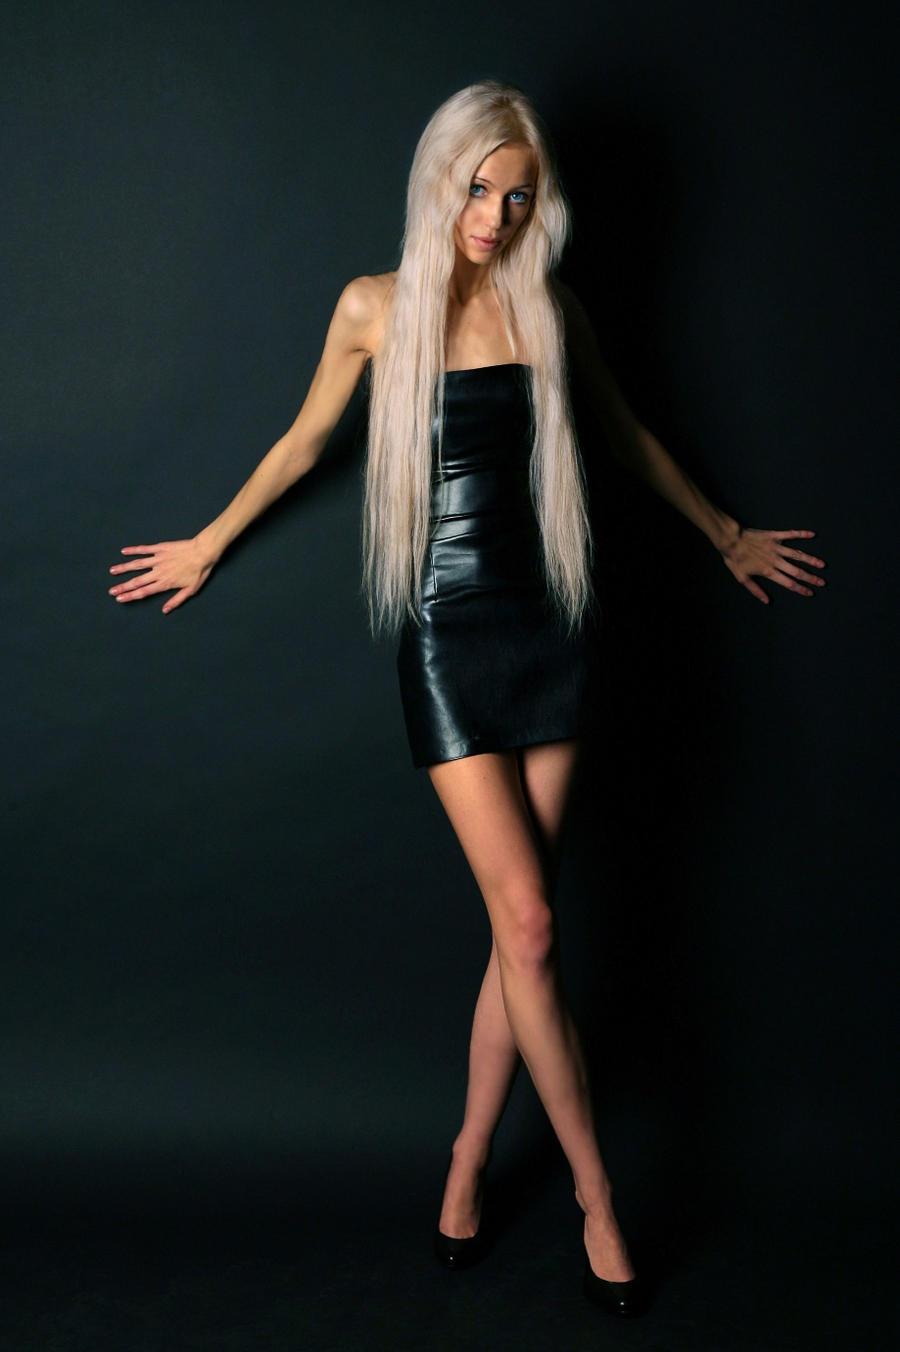 Little black dress by Hellen-K-T